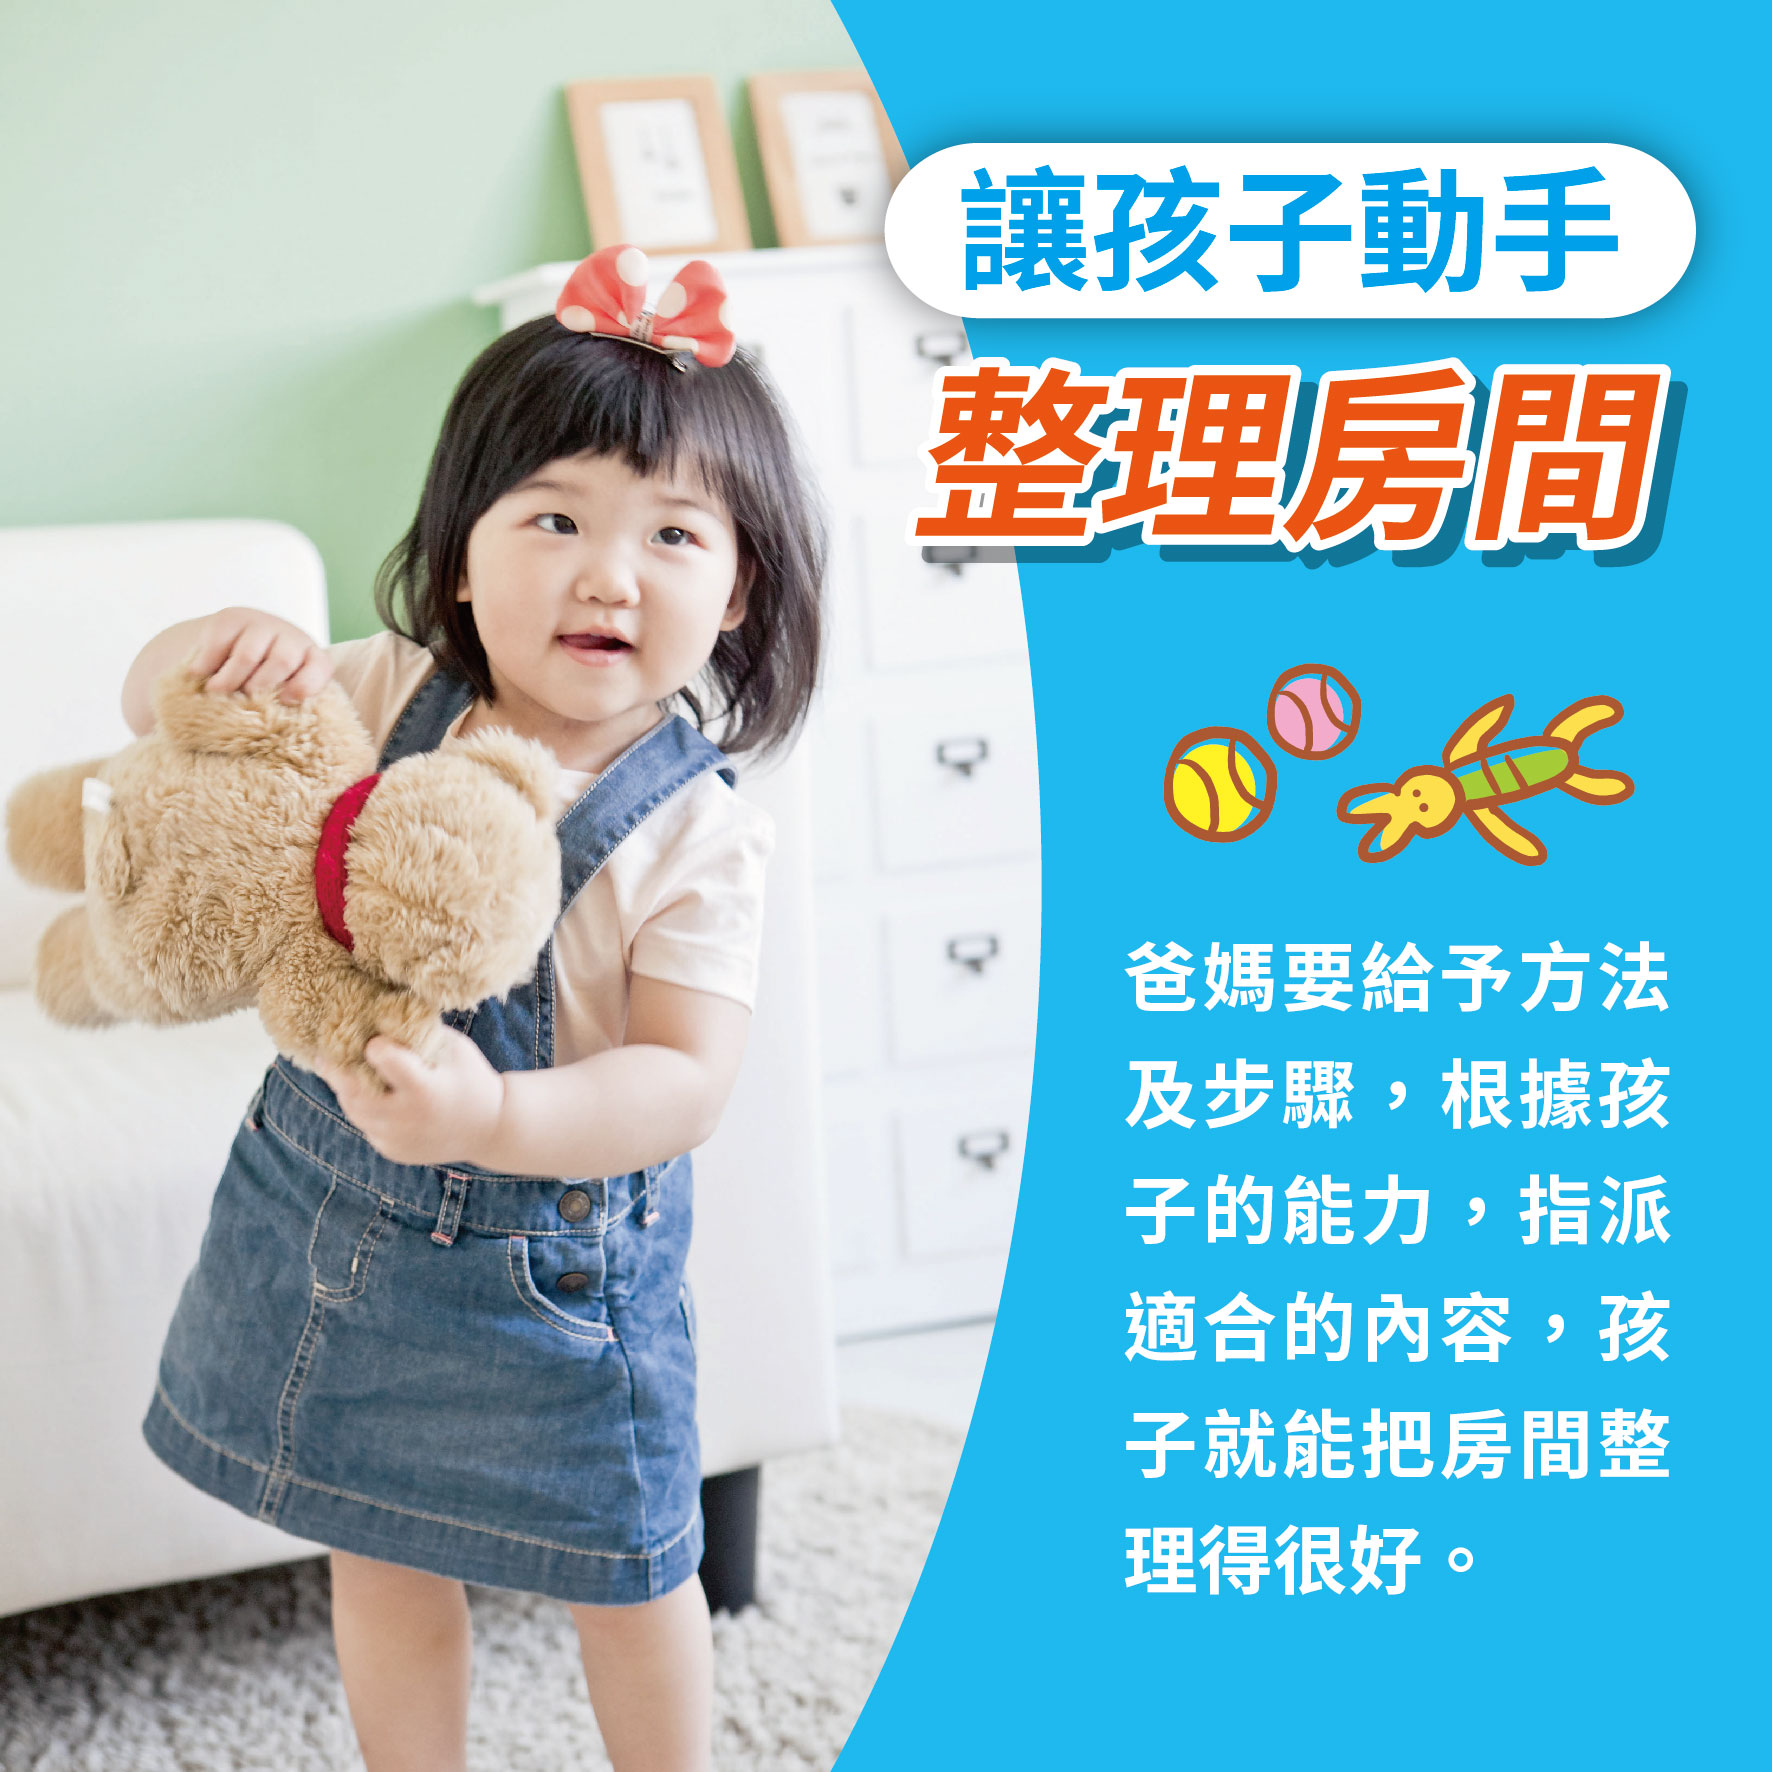 幼兒6歲(第12週)讓孩子動手整理房間